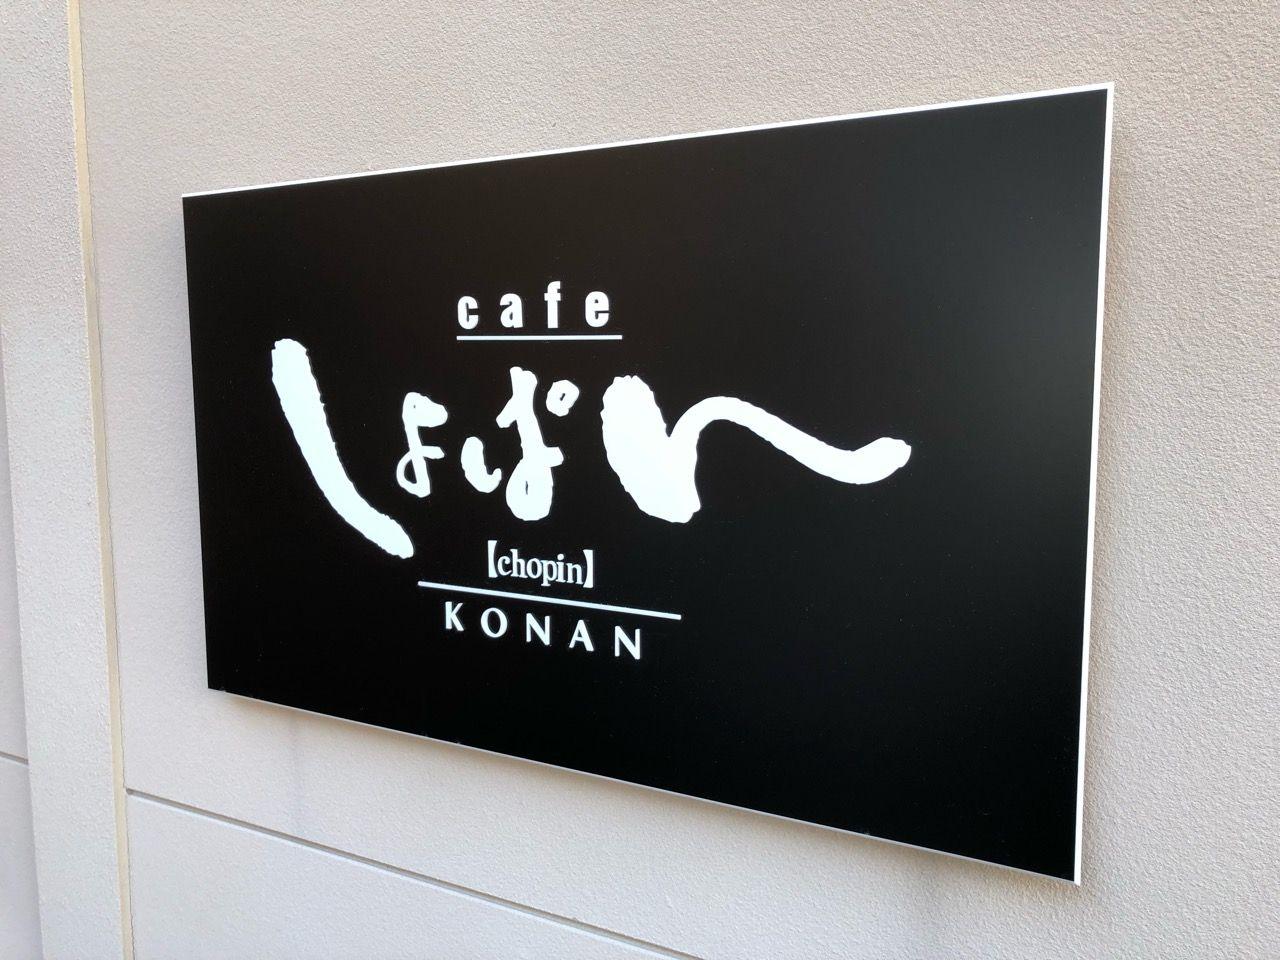 『cafe しょぱん【chopin】KONAN』店舗入口看板